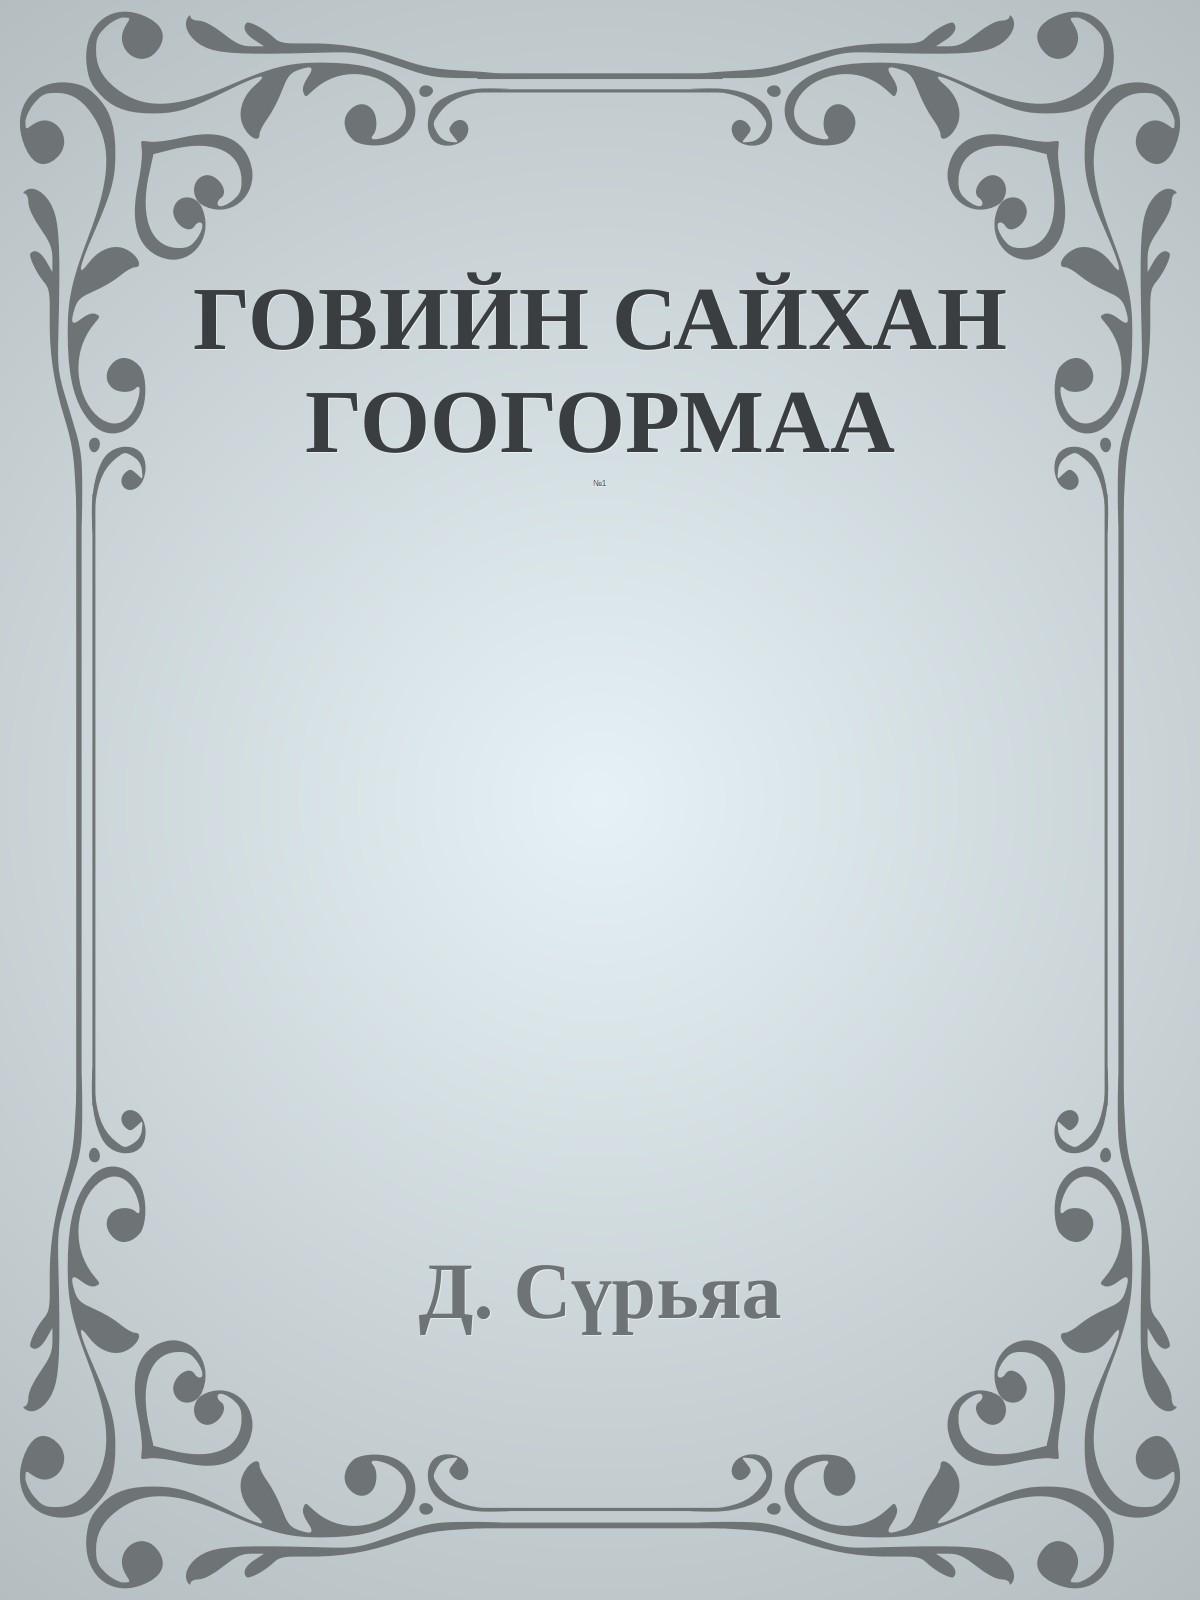 ГОВИЙН САЙХАН ГООГОРМАА